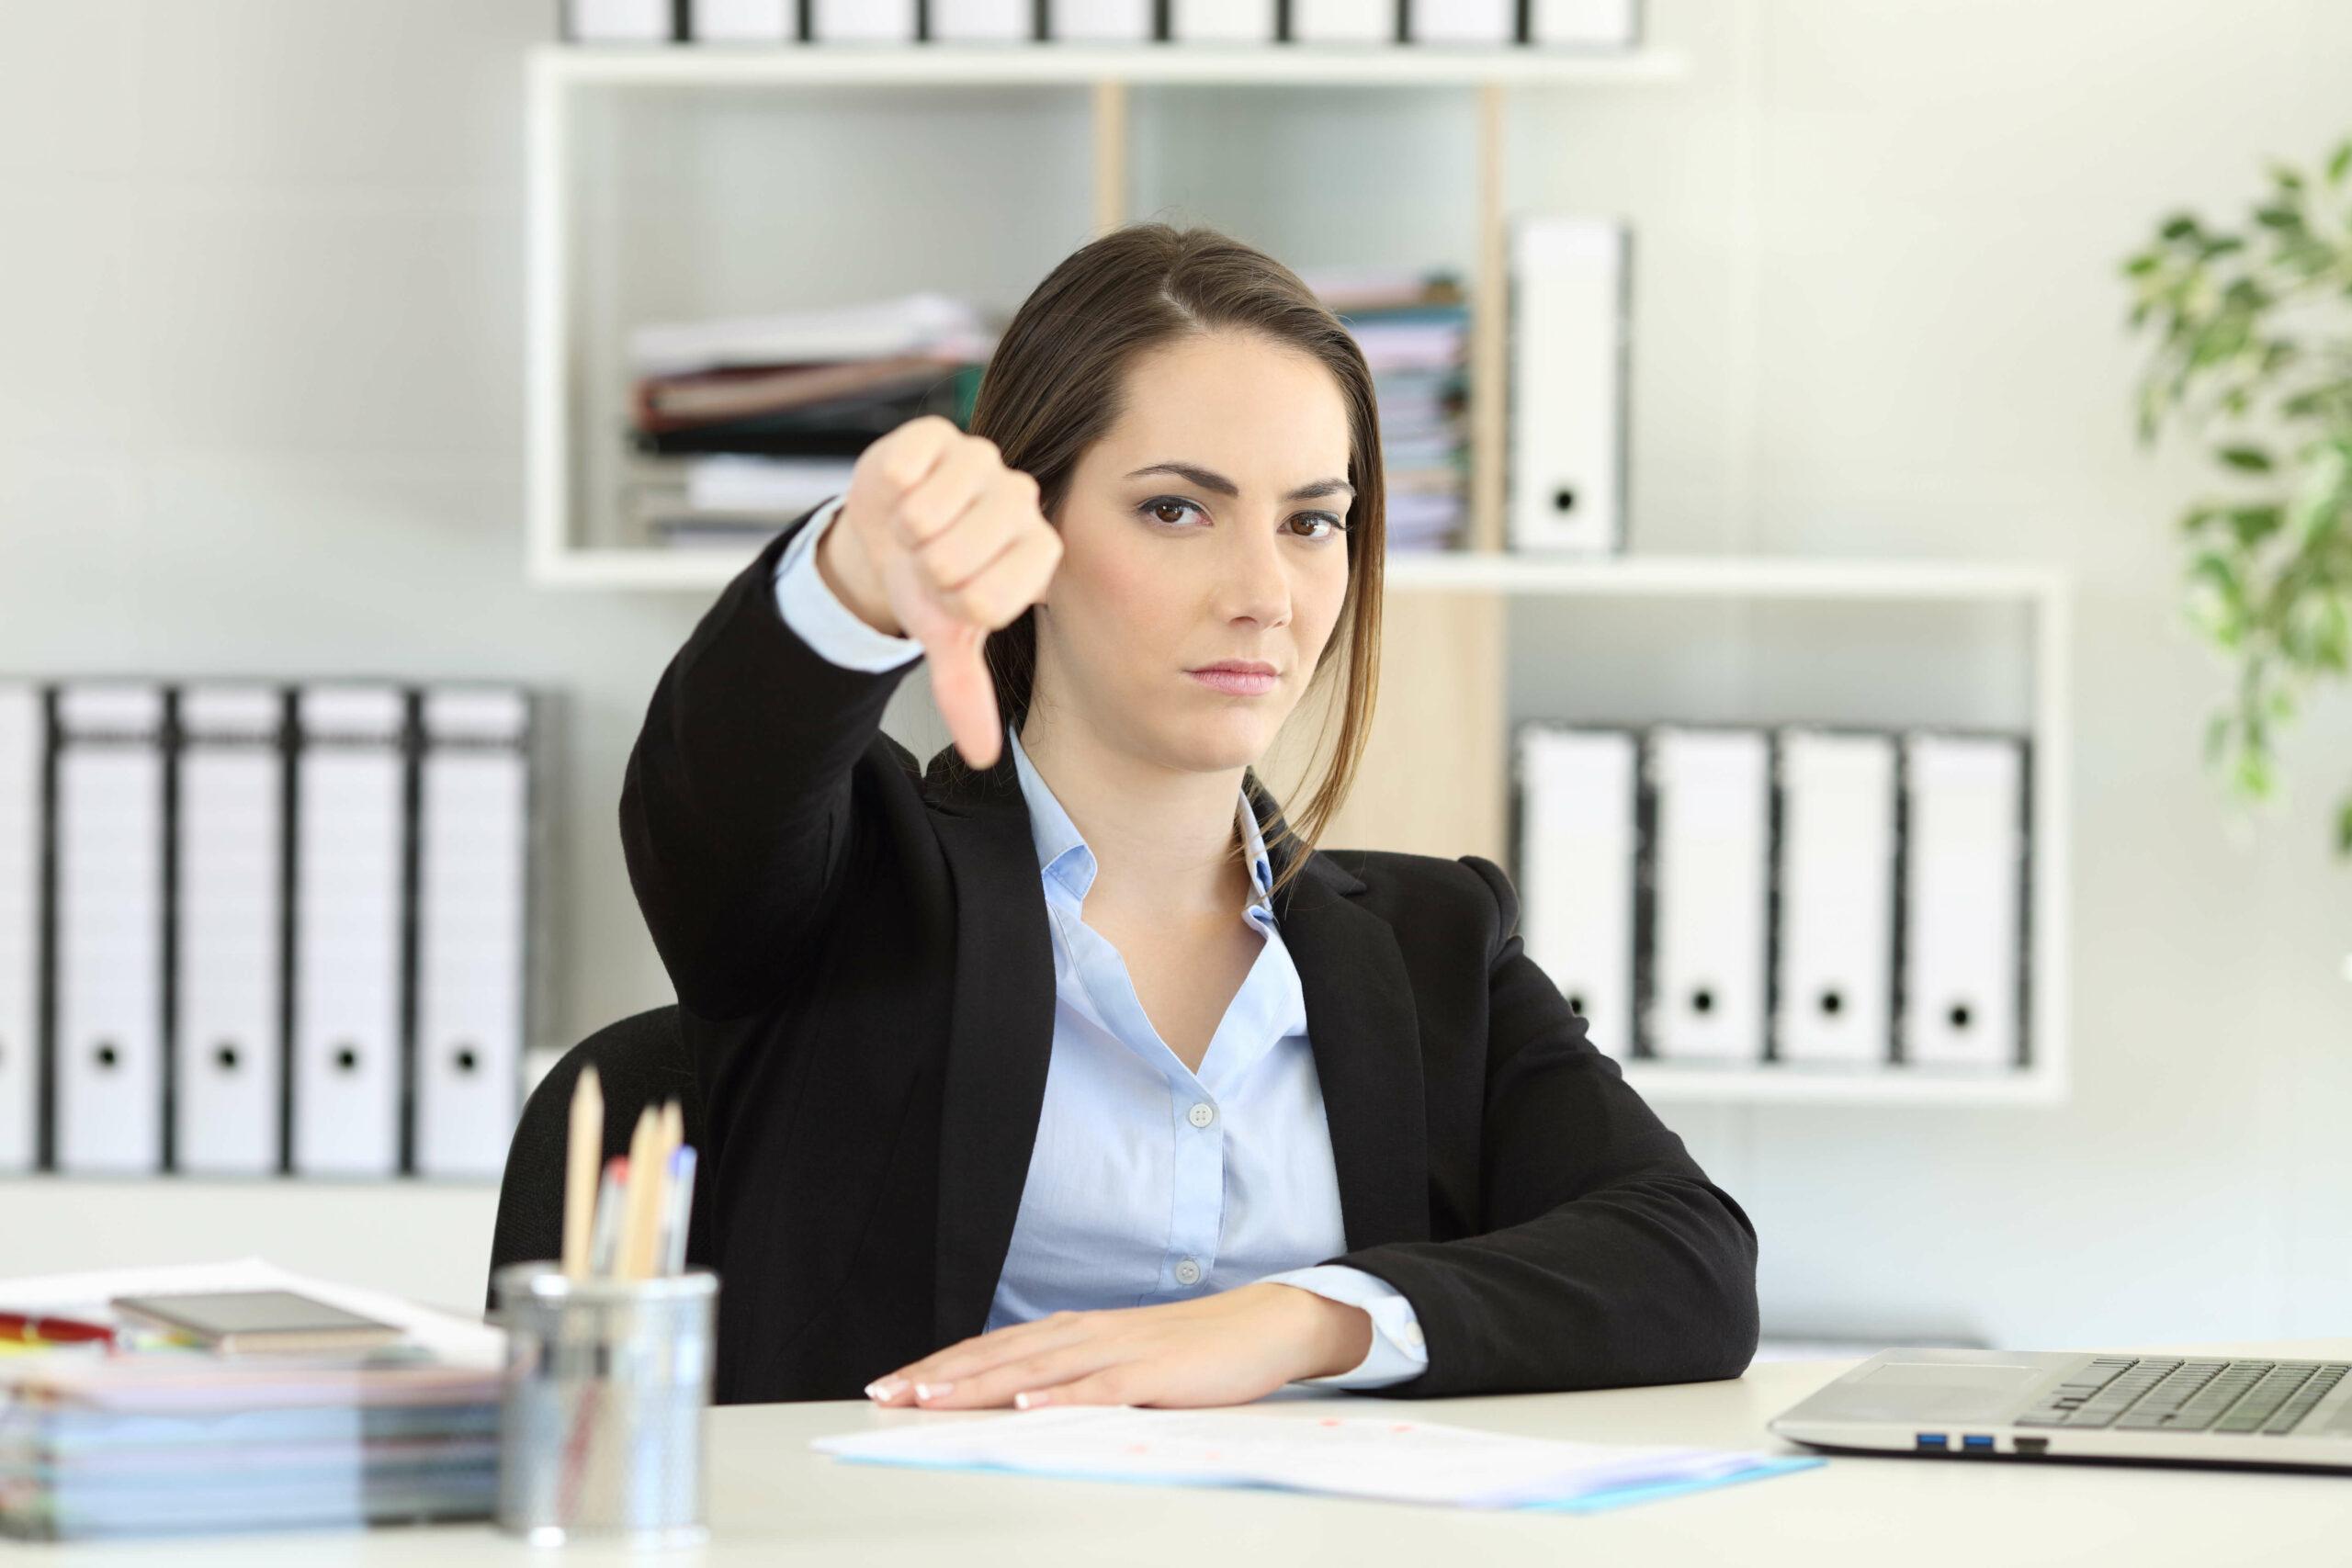 Warum nehmen wir Kritik von weiblichen Chefs schlechter an?